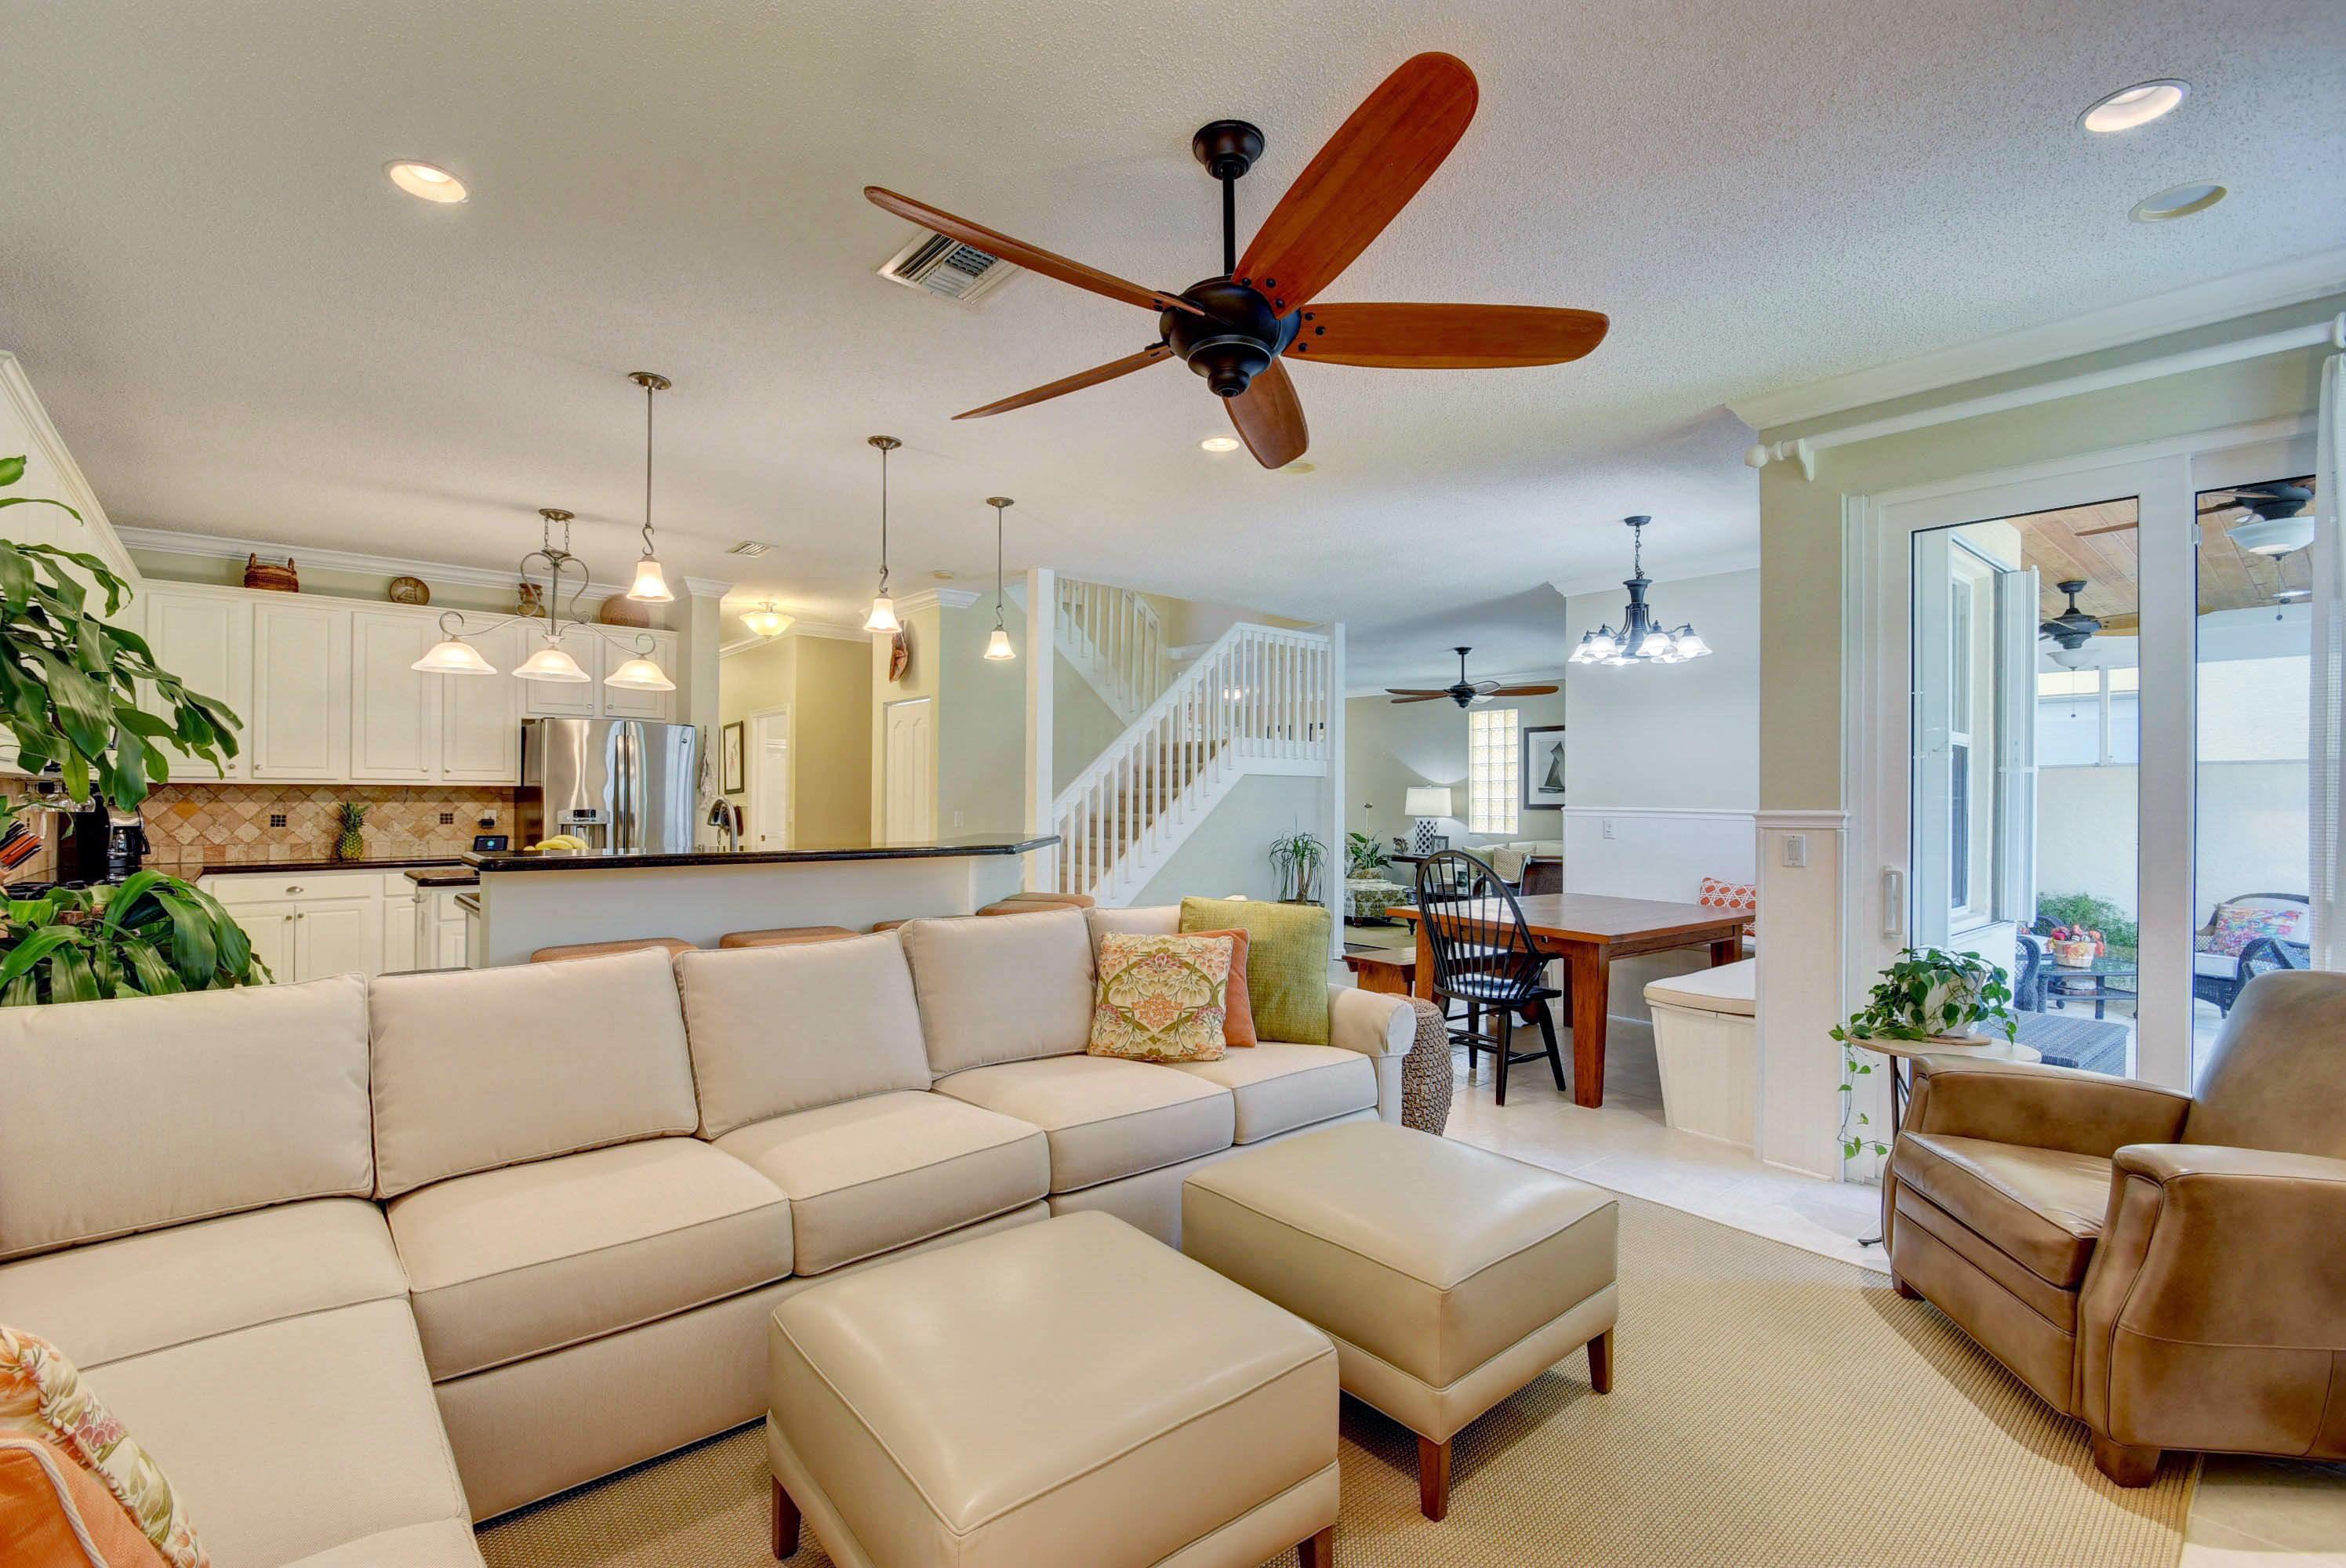 270 Kensington Way Royal Palm Beach, FL 33414 photo 12